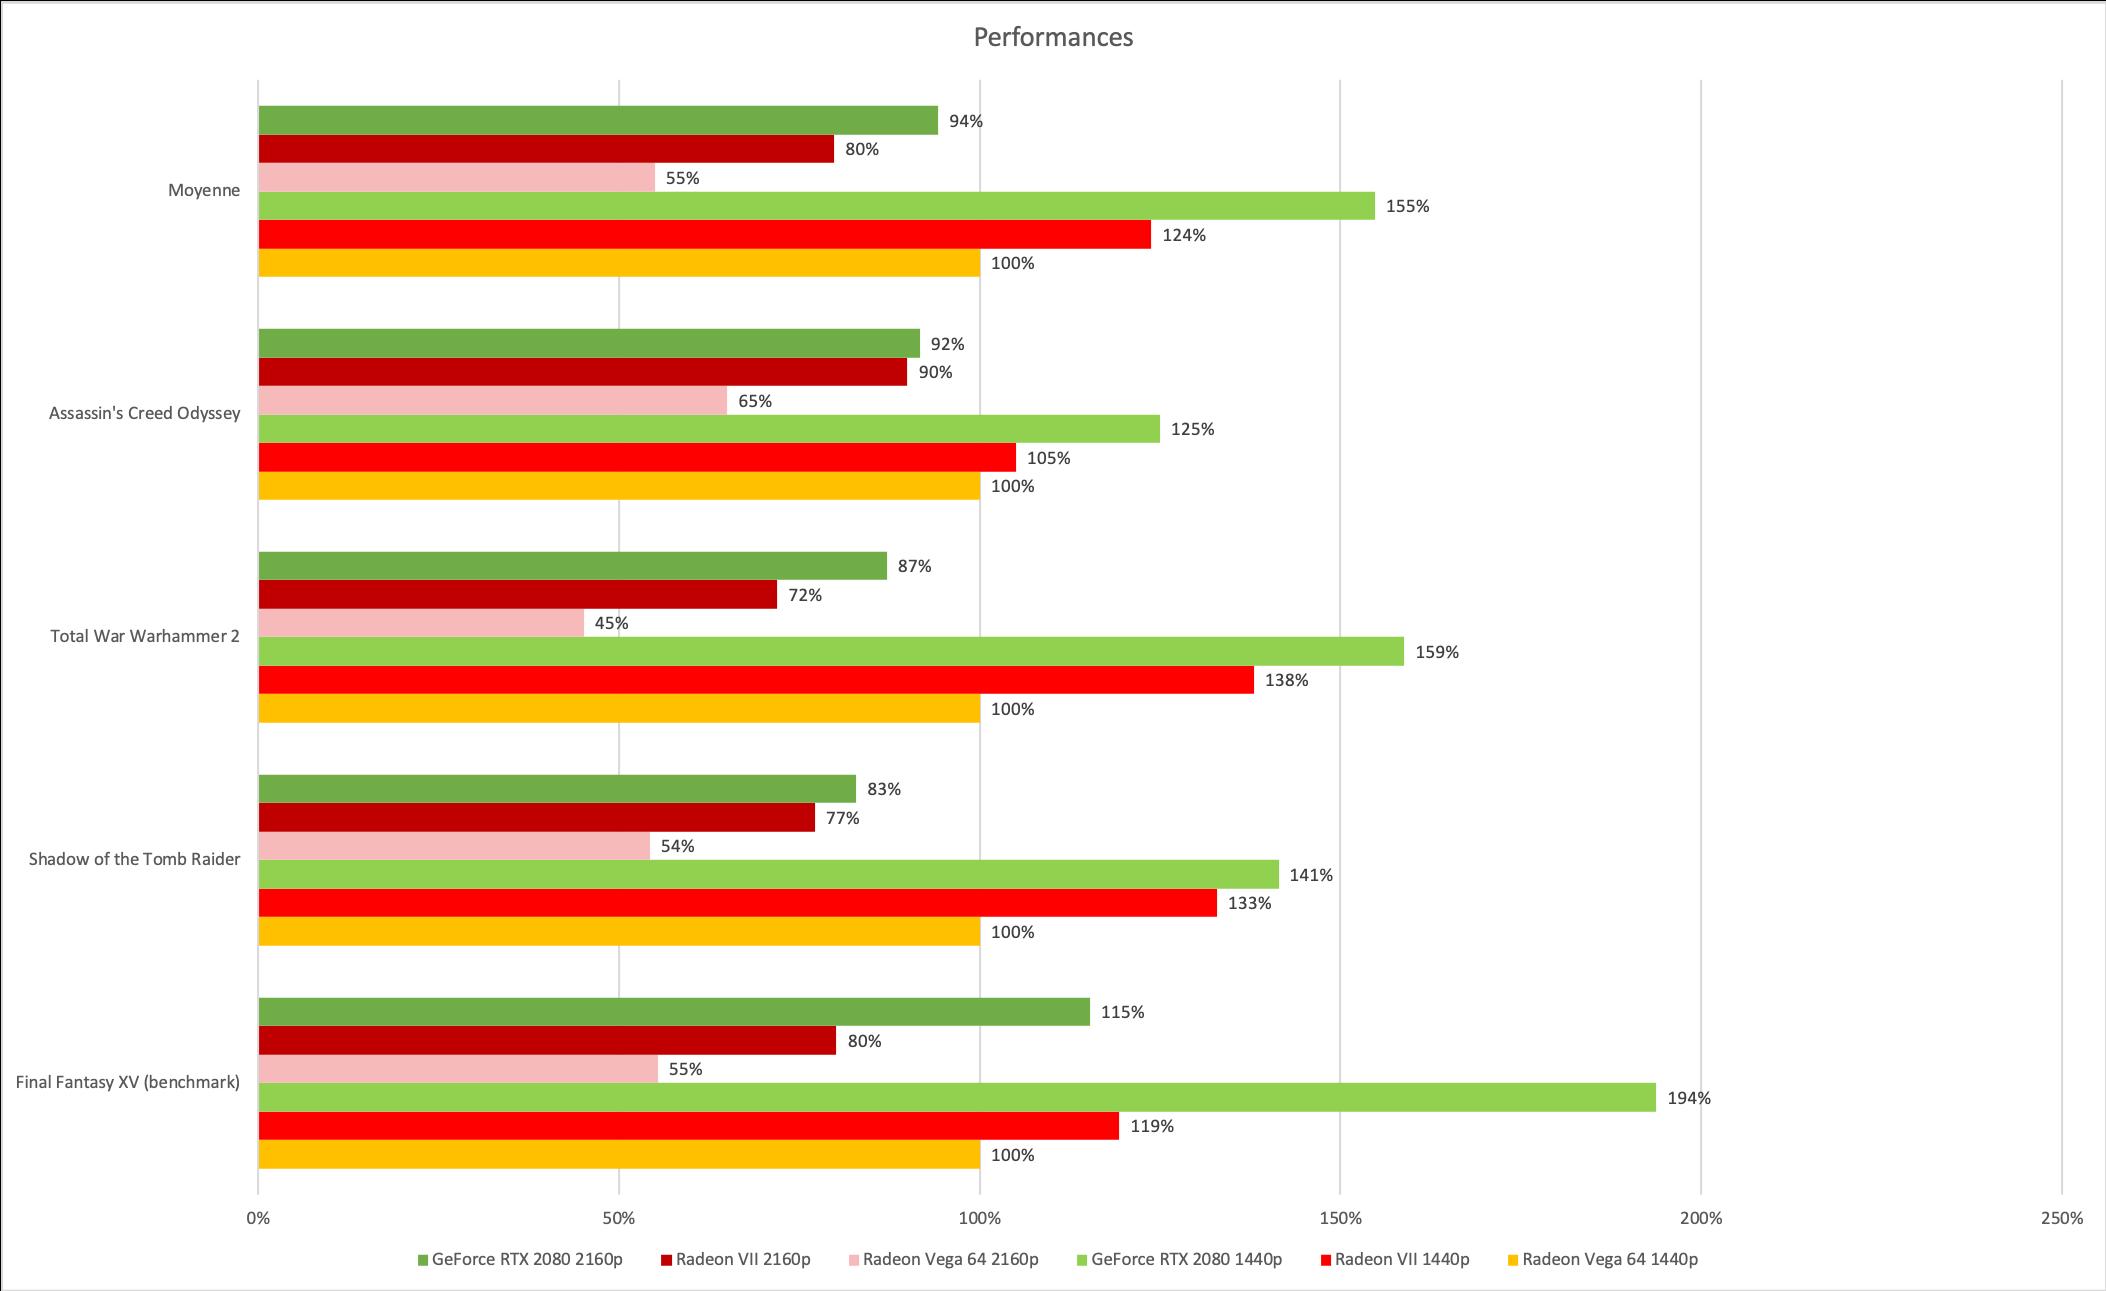 Nous avons choisi la Vega 64 en 1440p comme base de comparaison. La Radeon VII est évidemment plus rapide dans tous les cas, mais la GeForce RTX 2080, vendue à peu près au même prix, reste devant, parfois très nettement.